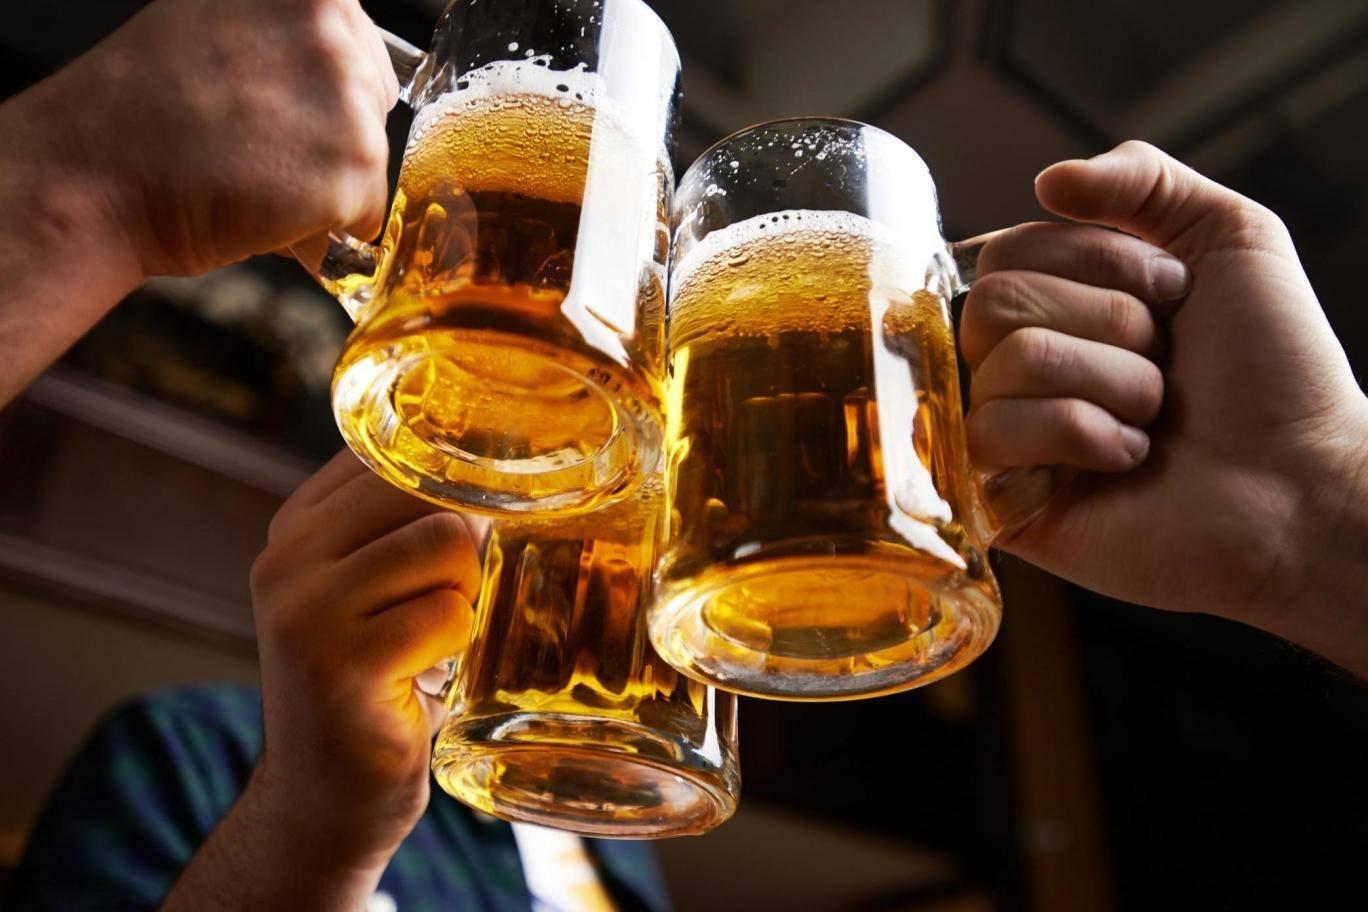 istock 520704188 1 - Consumir álcool é mais eficaz para longevidade do que fazer exercício, conclui estudo